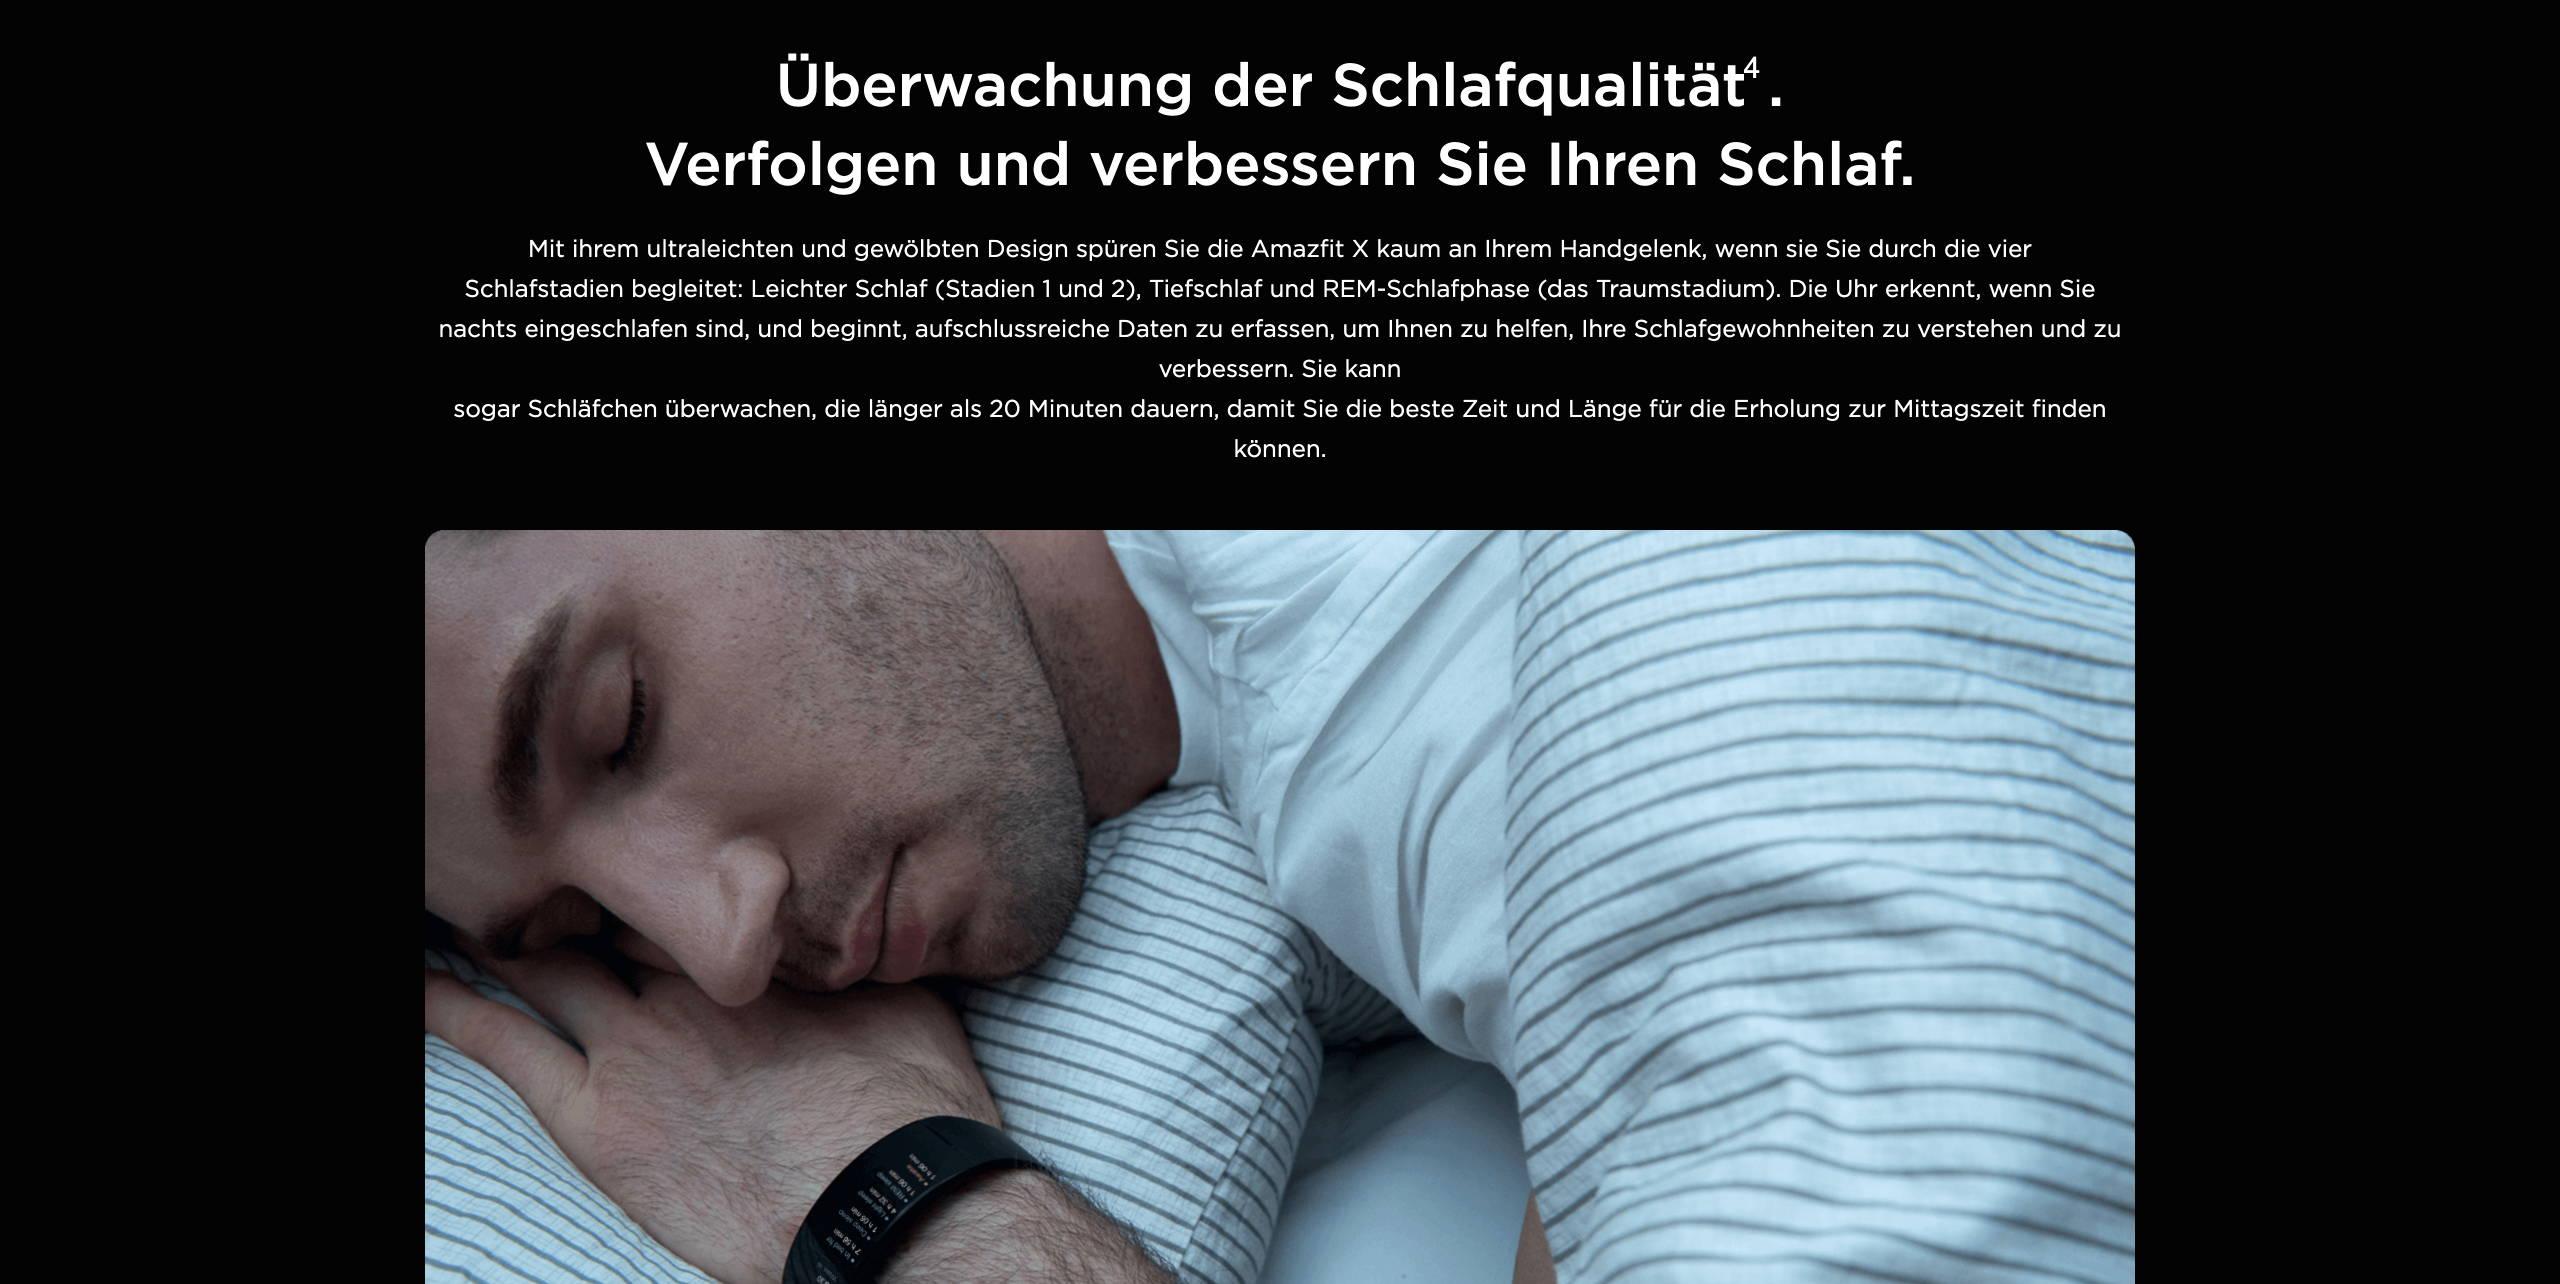 Amazfit X - Überwachung der Schlafqualität. Verfolgen und verbessern Sie Ihren Schlaf.